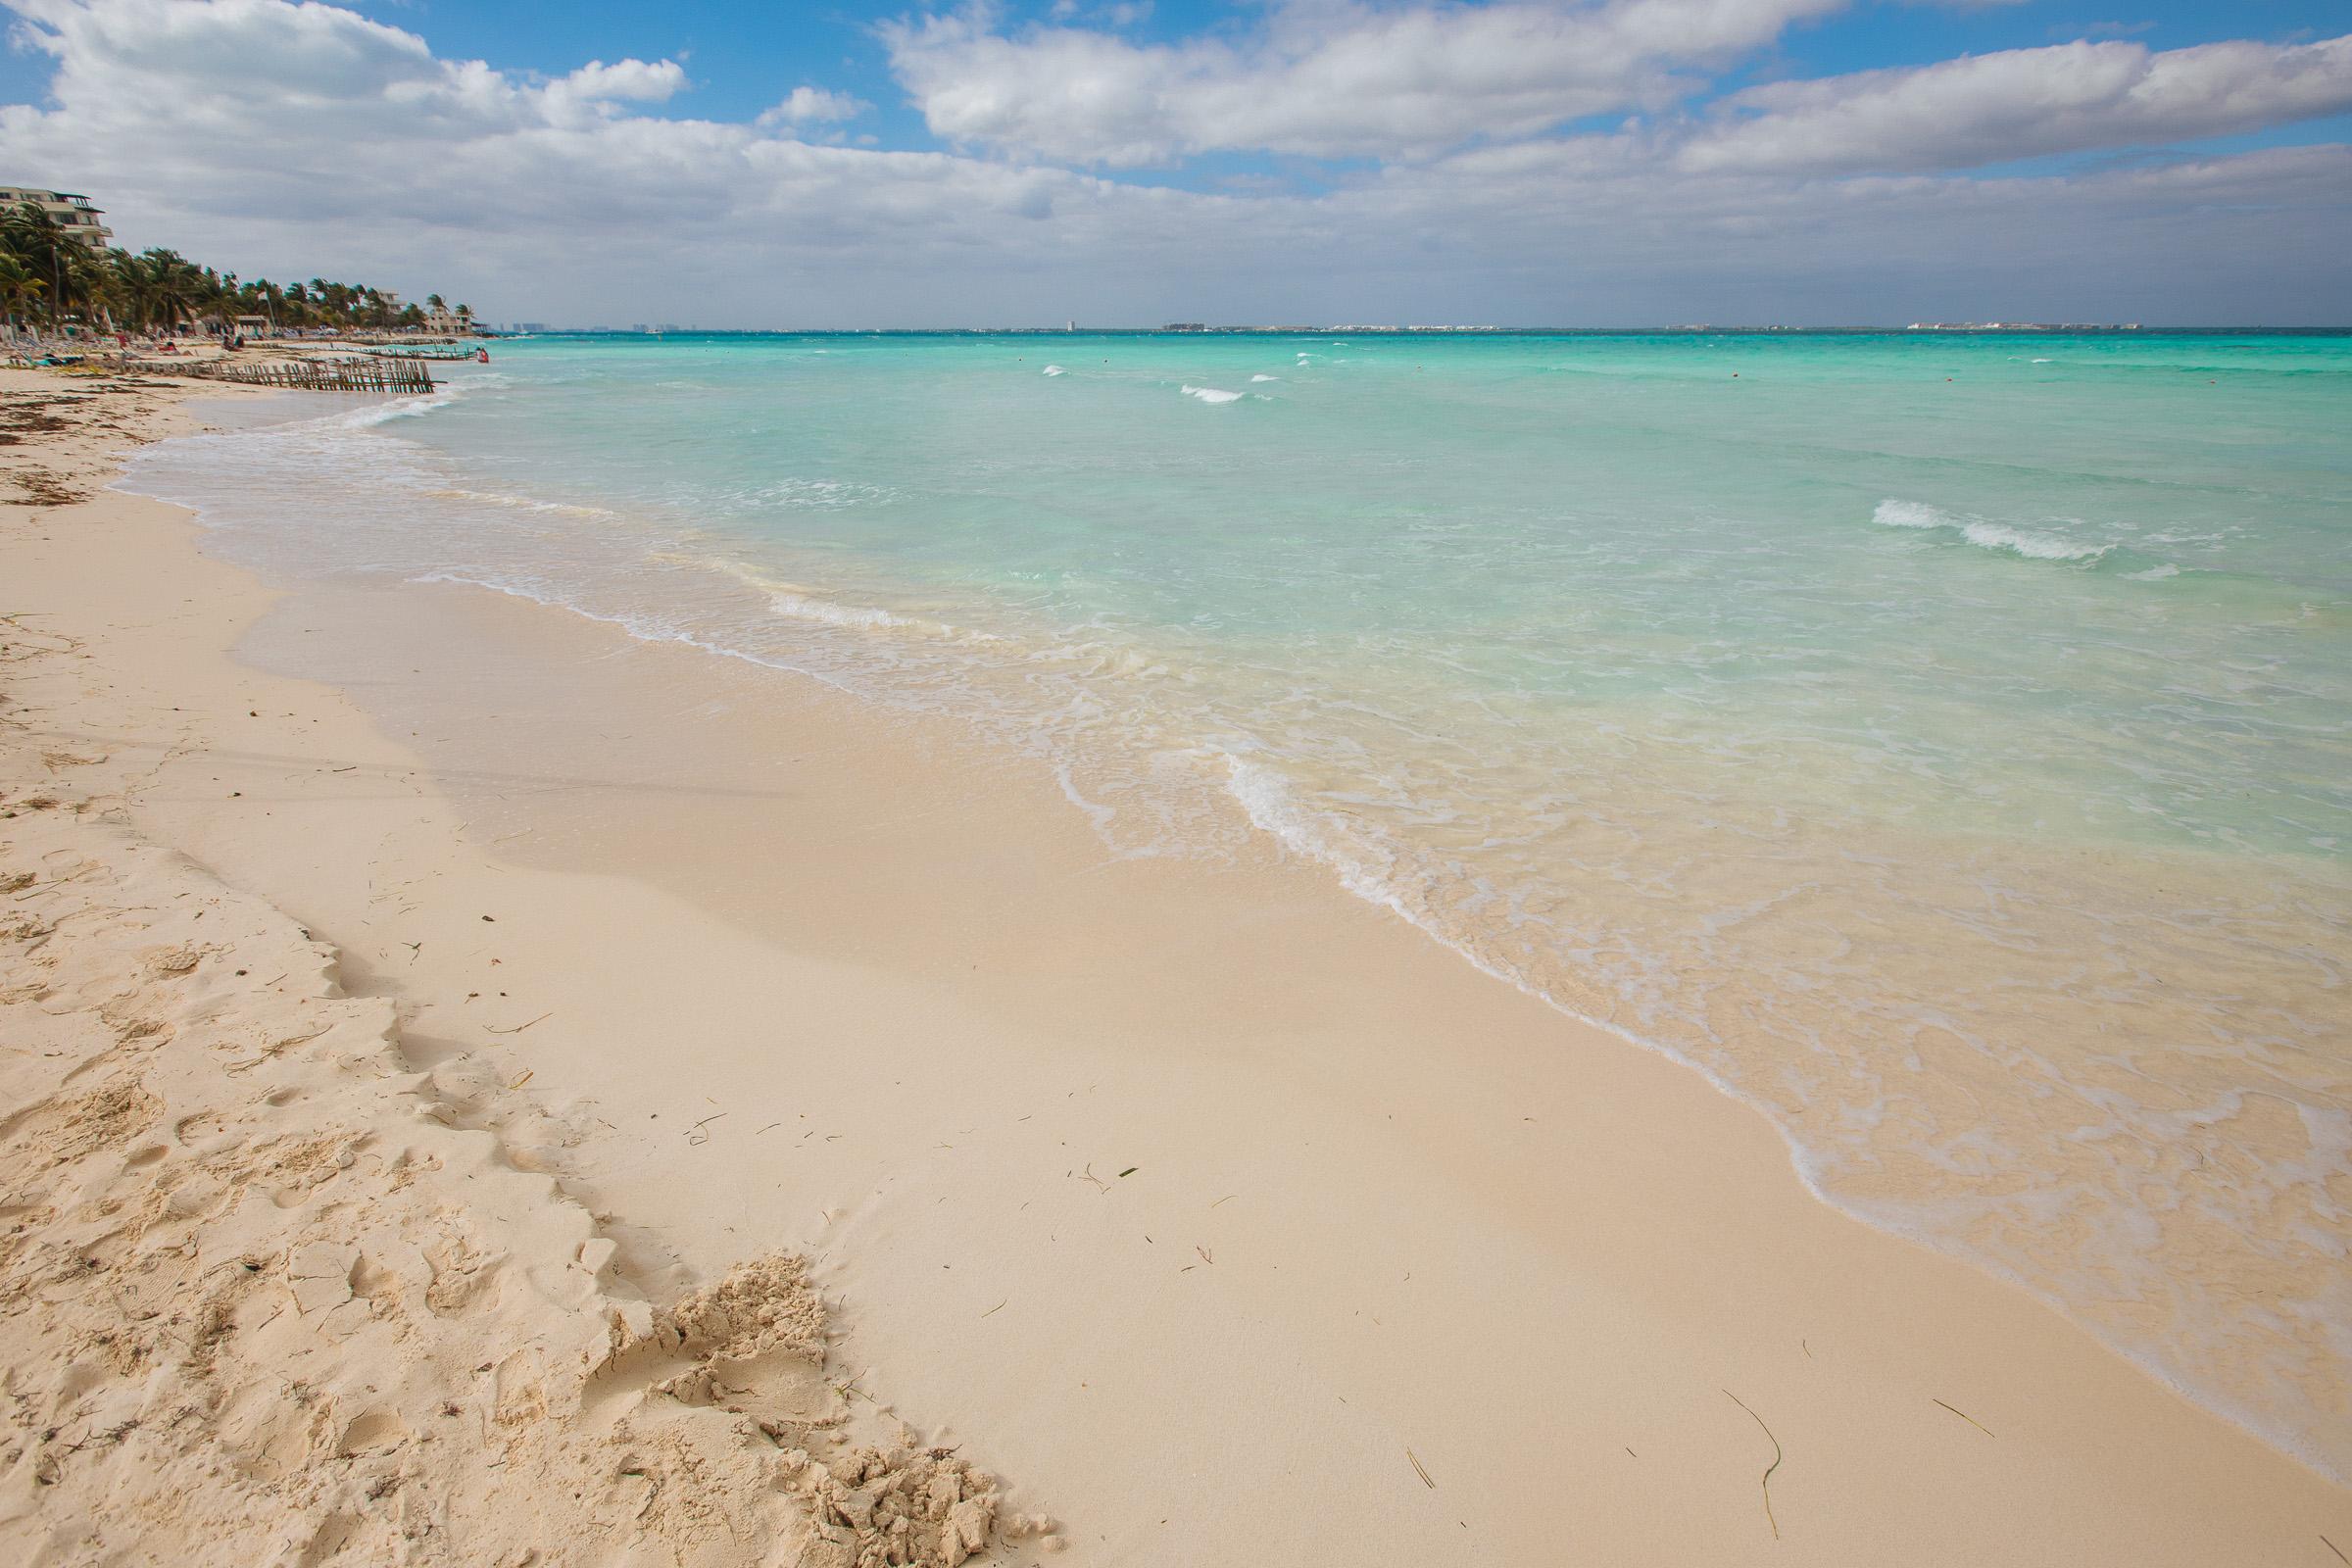 Kante im Strand und düsteres Wasser